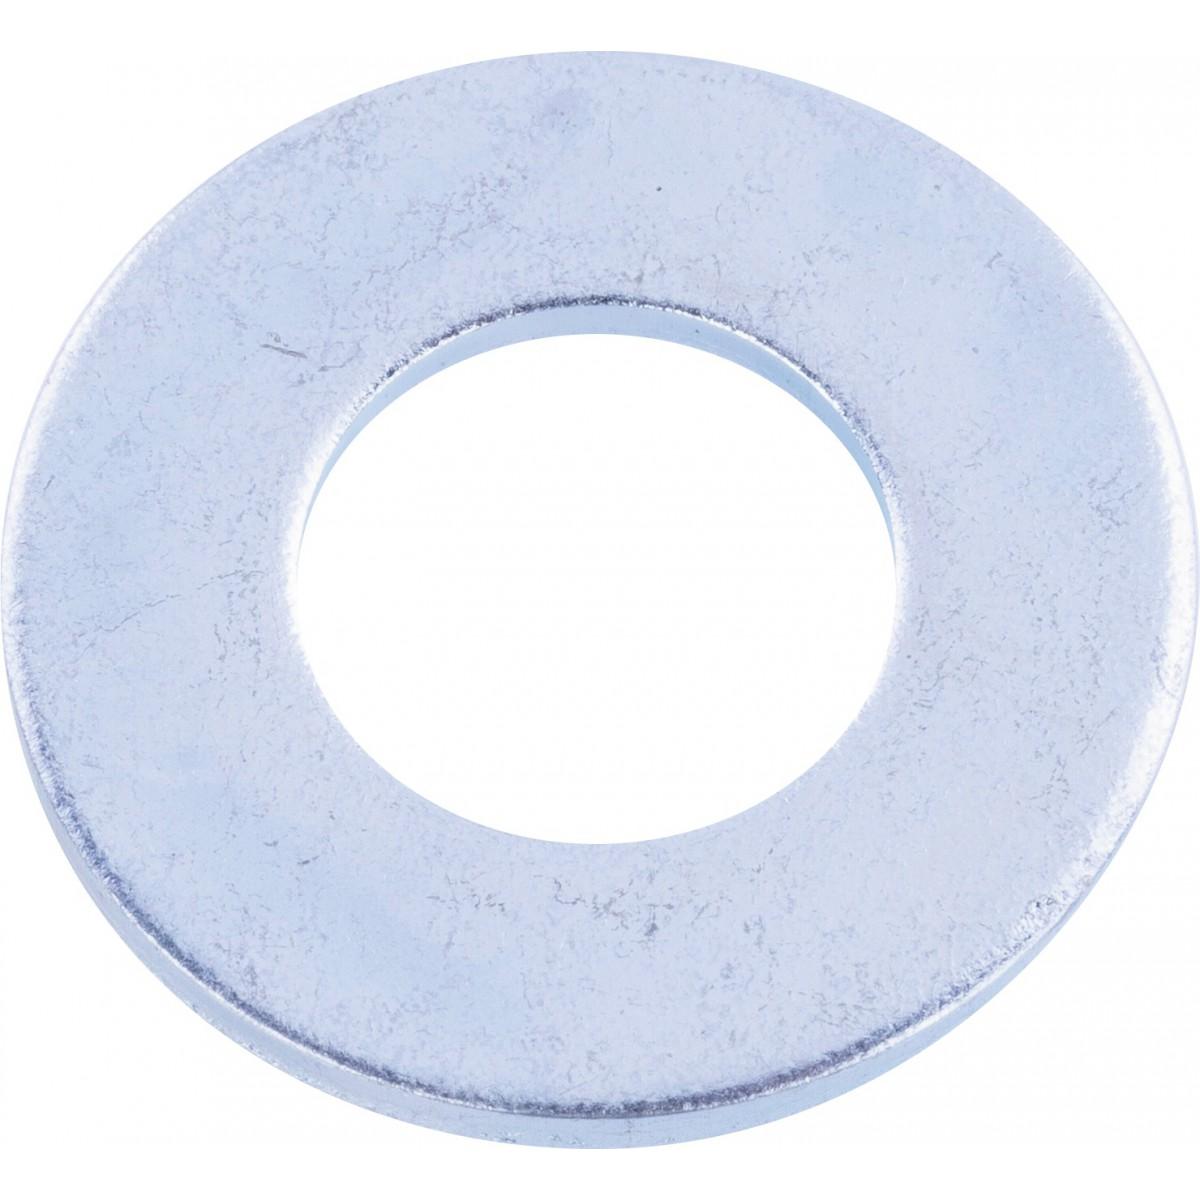 Rondelle plate acier zingué - Ø10mm - 20pces - Fixpro